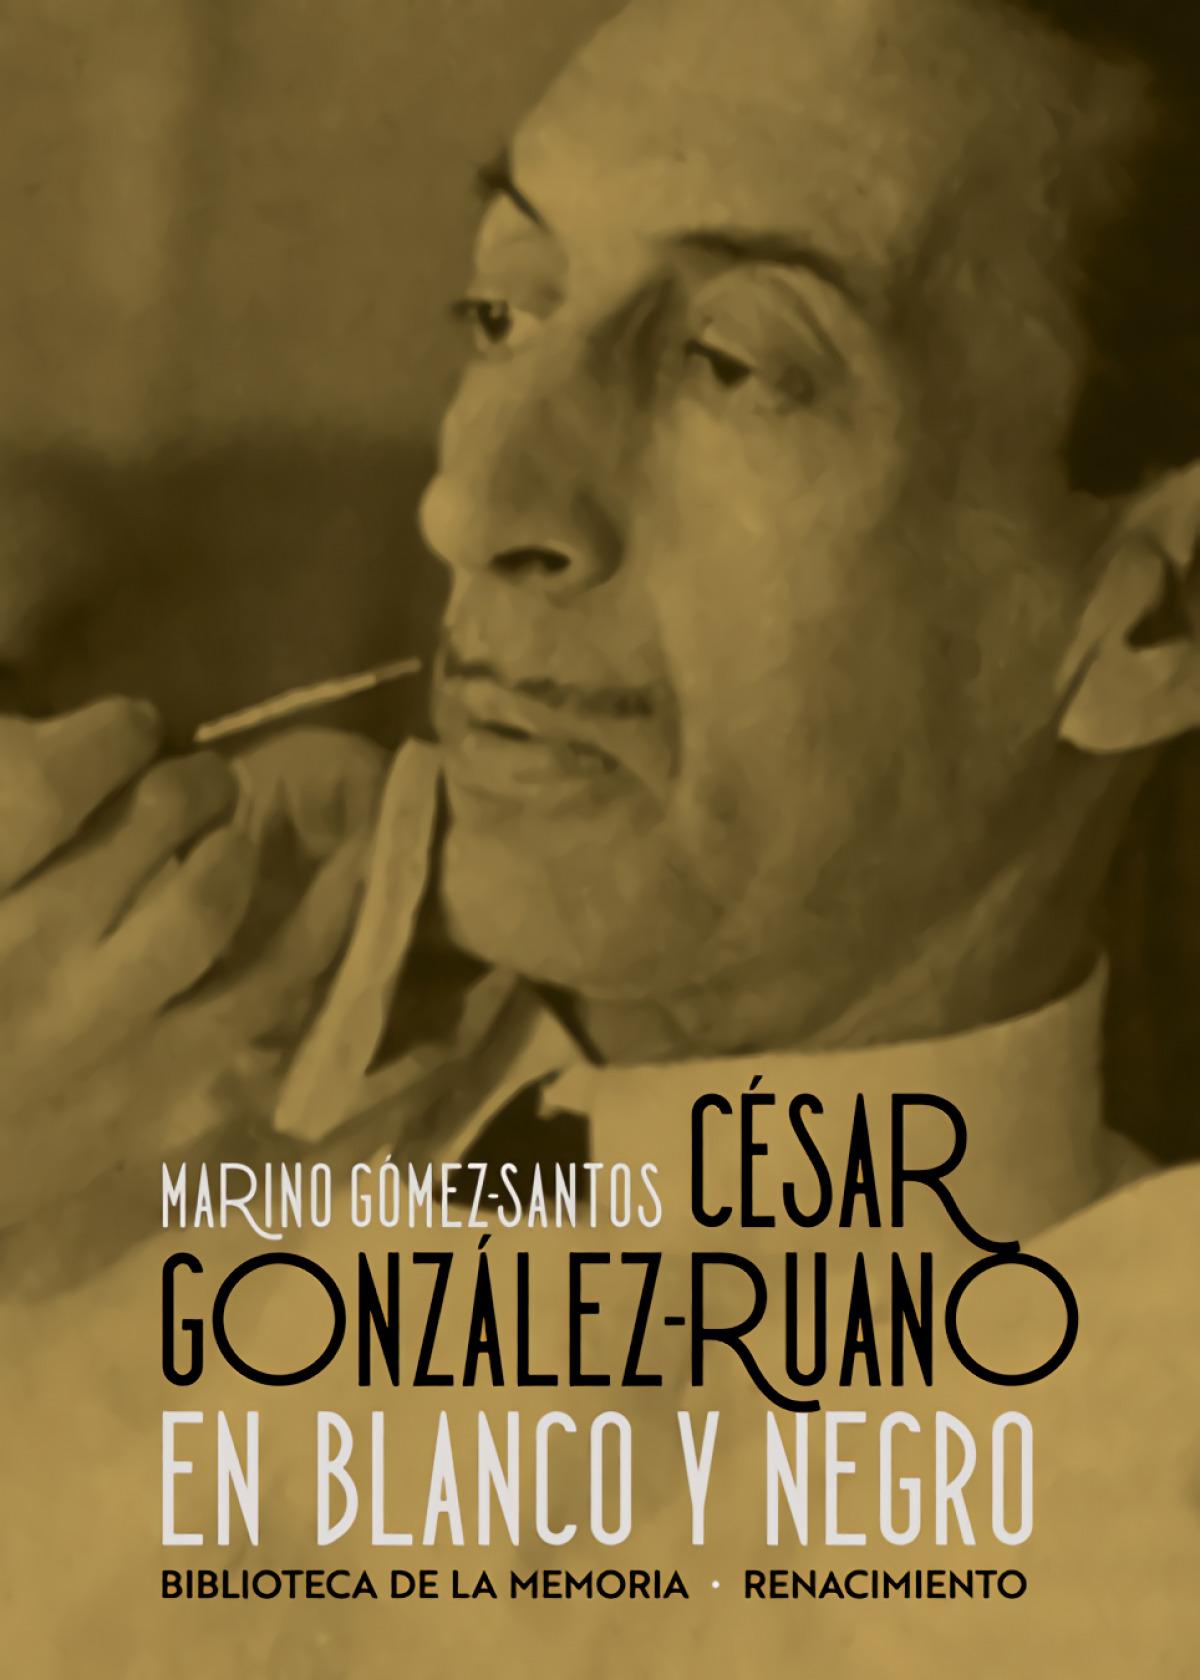 César González-Ruano en blanco y negro 9788417950842